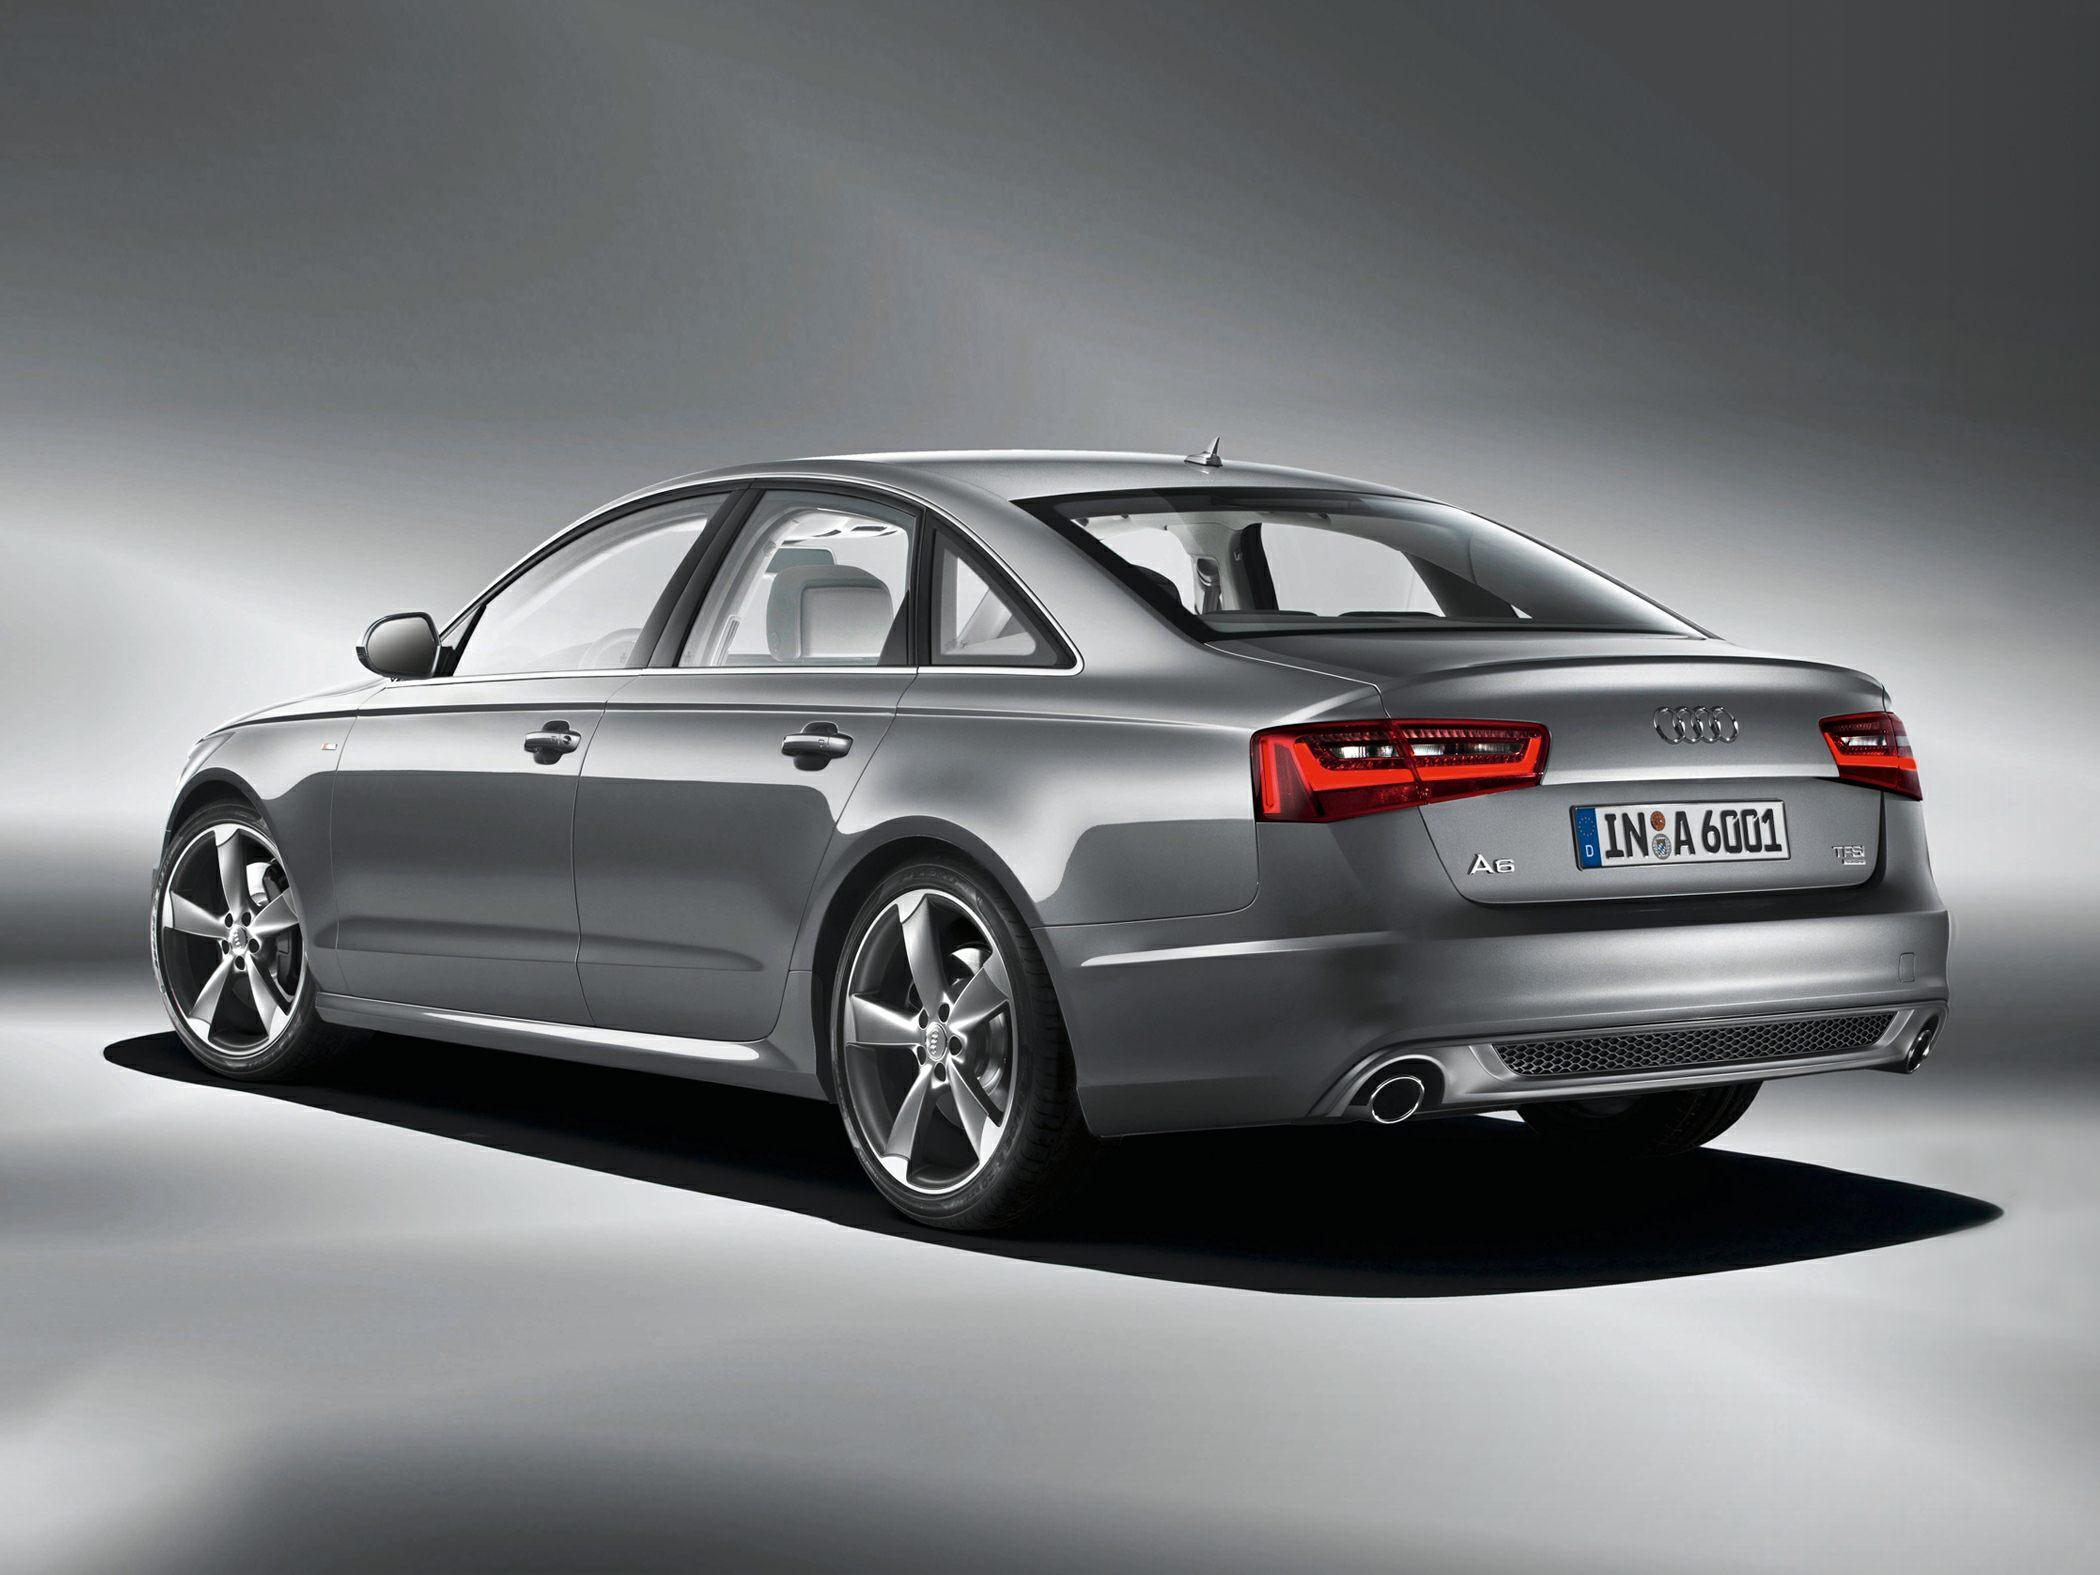 2015 Audi A6 Rear